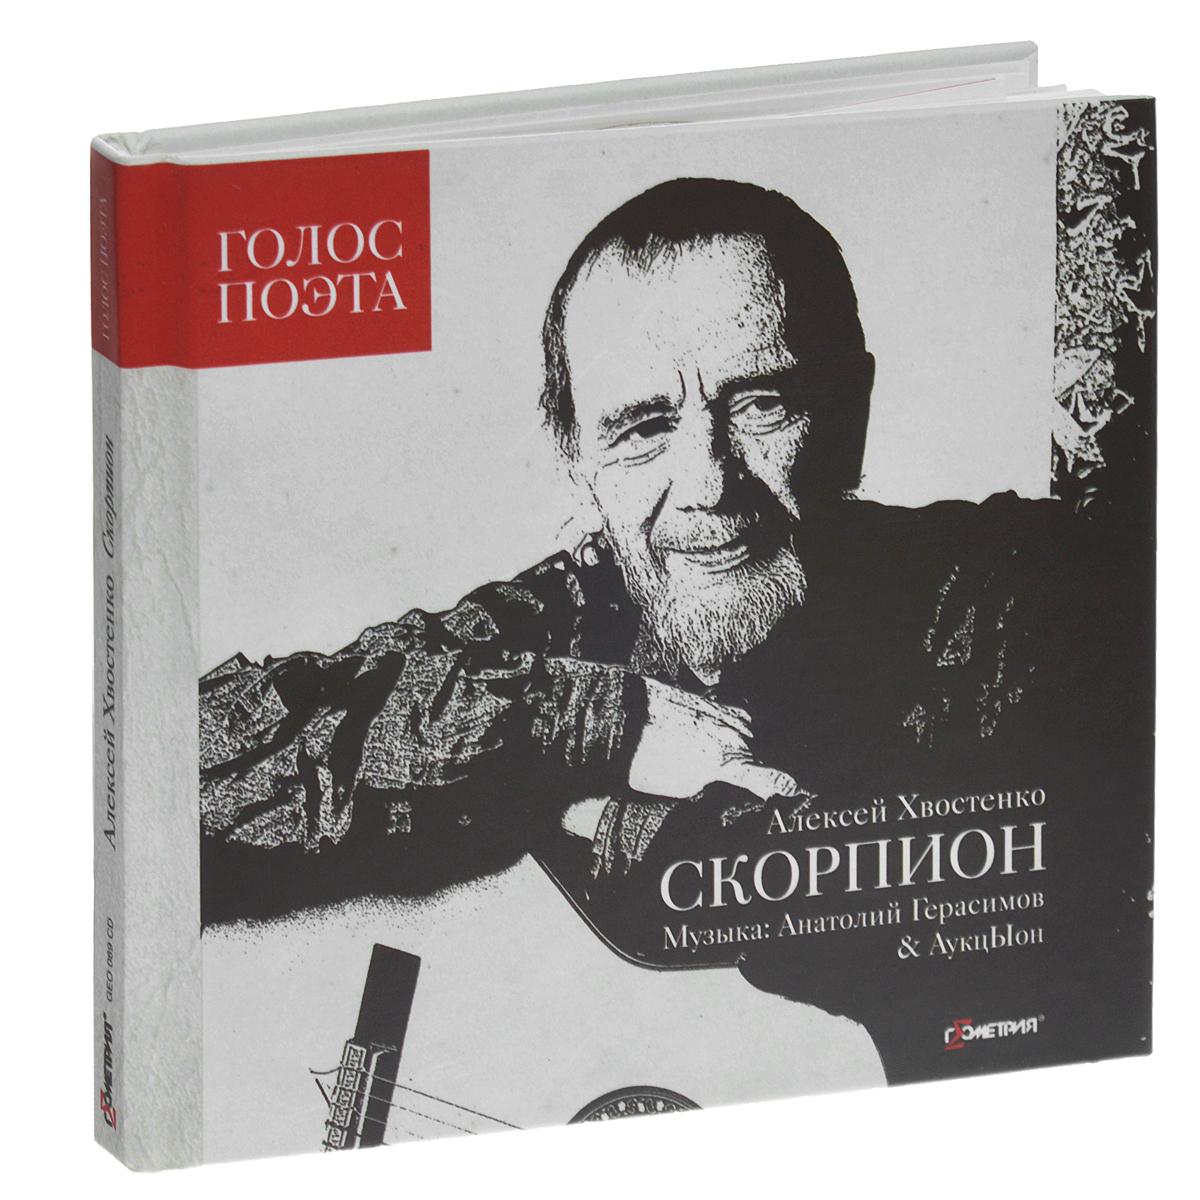 Издание упаковано в картонный DigiPack с 84-страничным буклетом-книгой, закрепленным в середине упаковки. Буклет содержит фотографии и дополнительную информацию на русском языке.